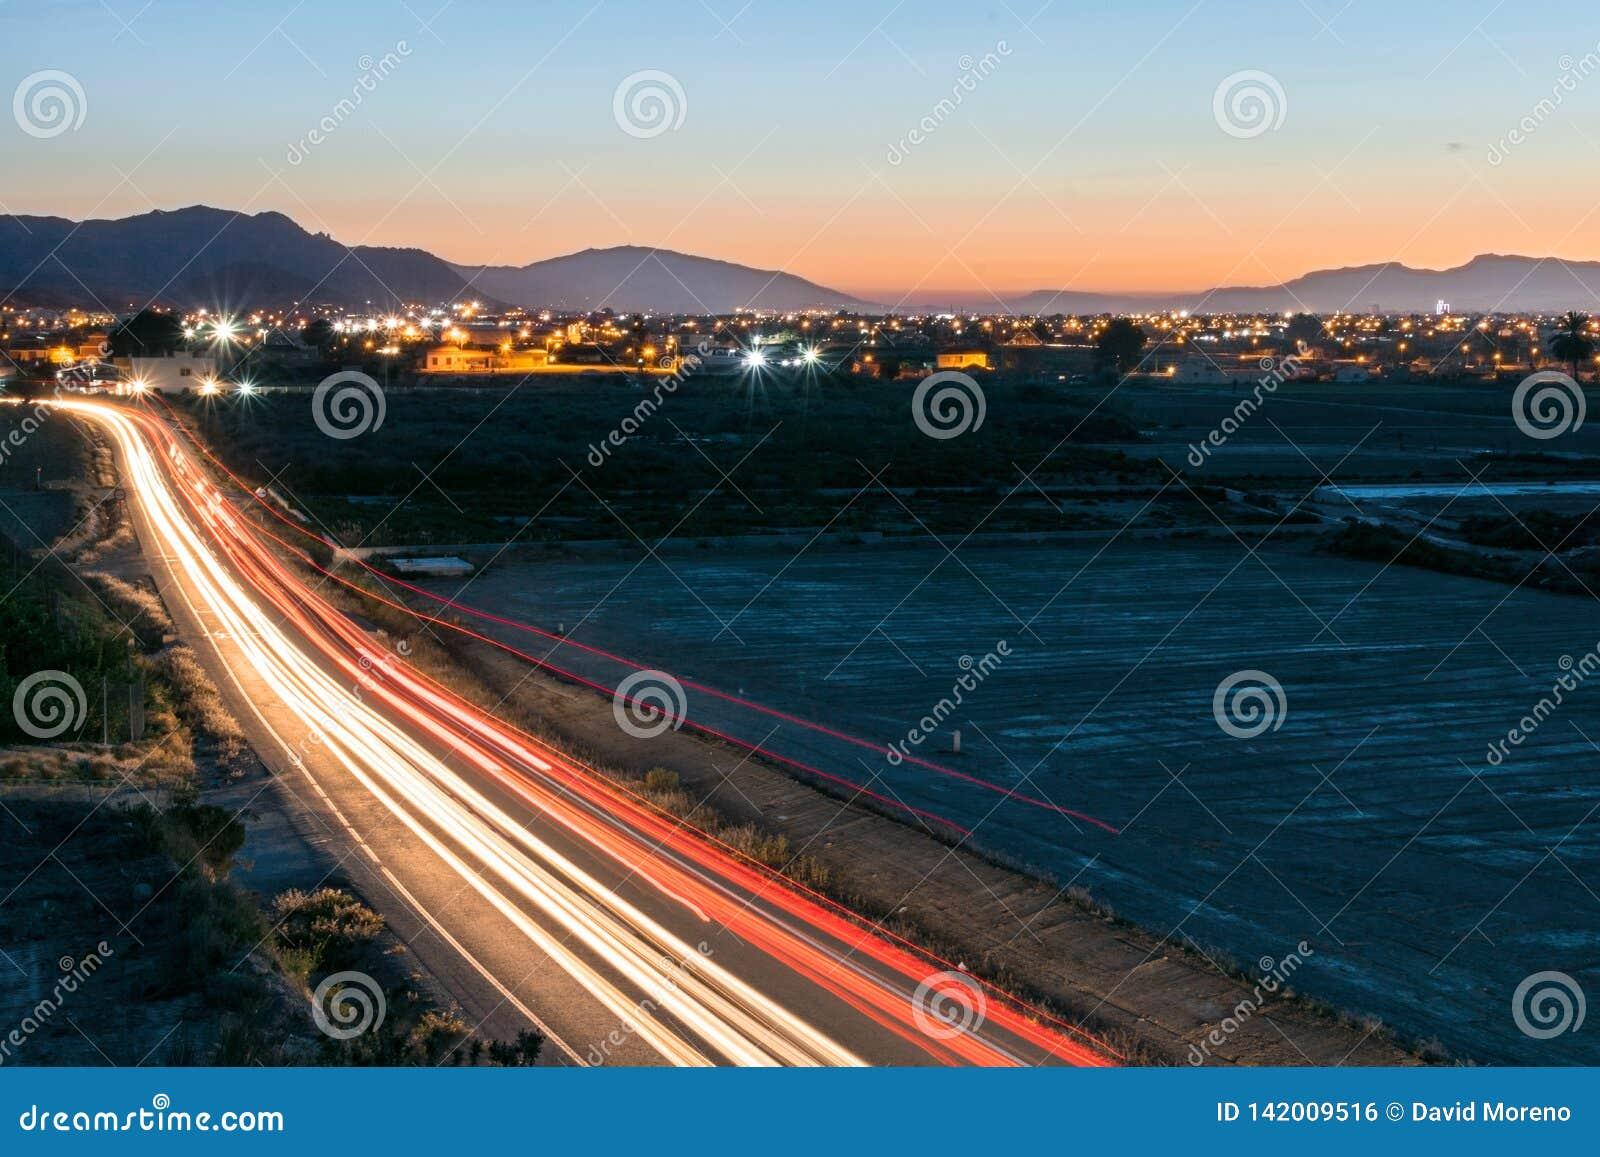 Долгая выдержка светлых следов автомобилей на дороге сельской местности